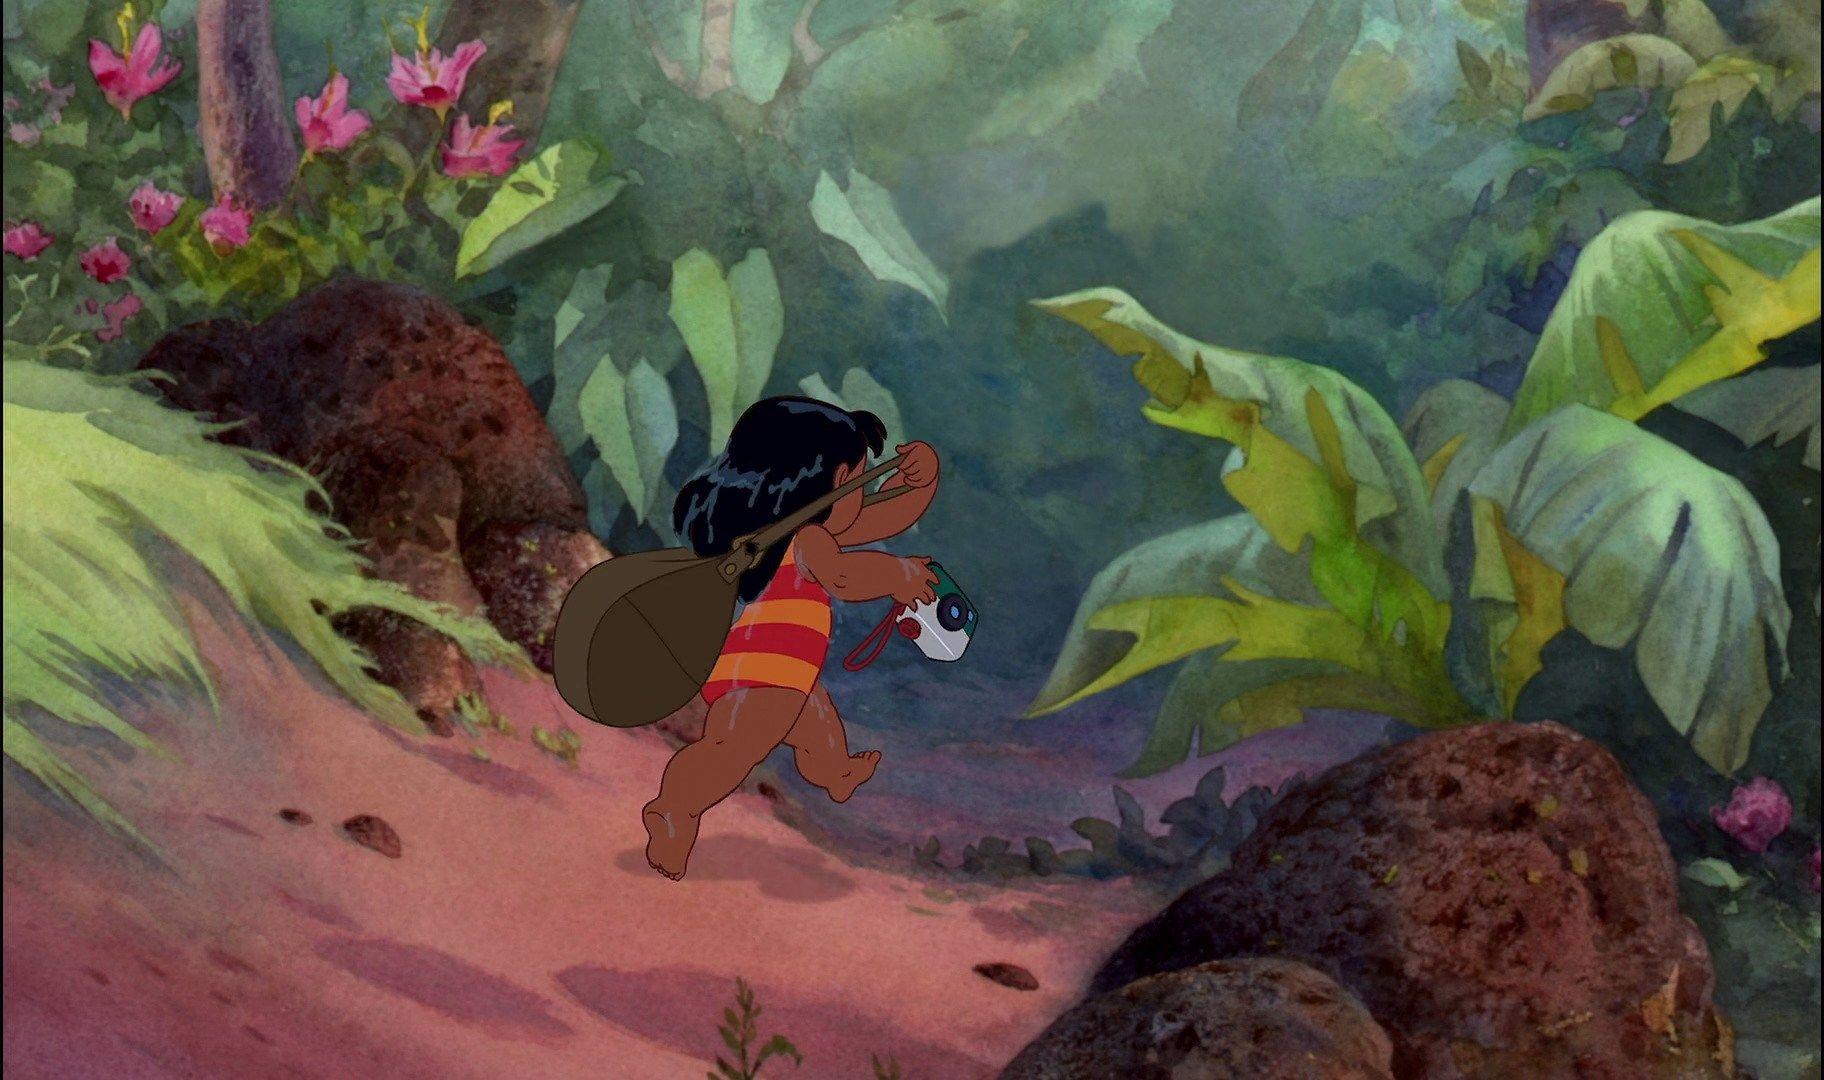 Lilo Stitch 2002 Animation Screencaps Lilo And Stitch 2002 Lilo And Stitch Lilo